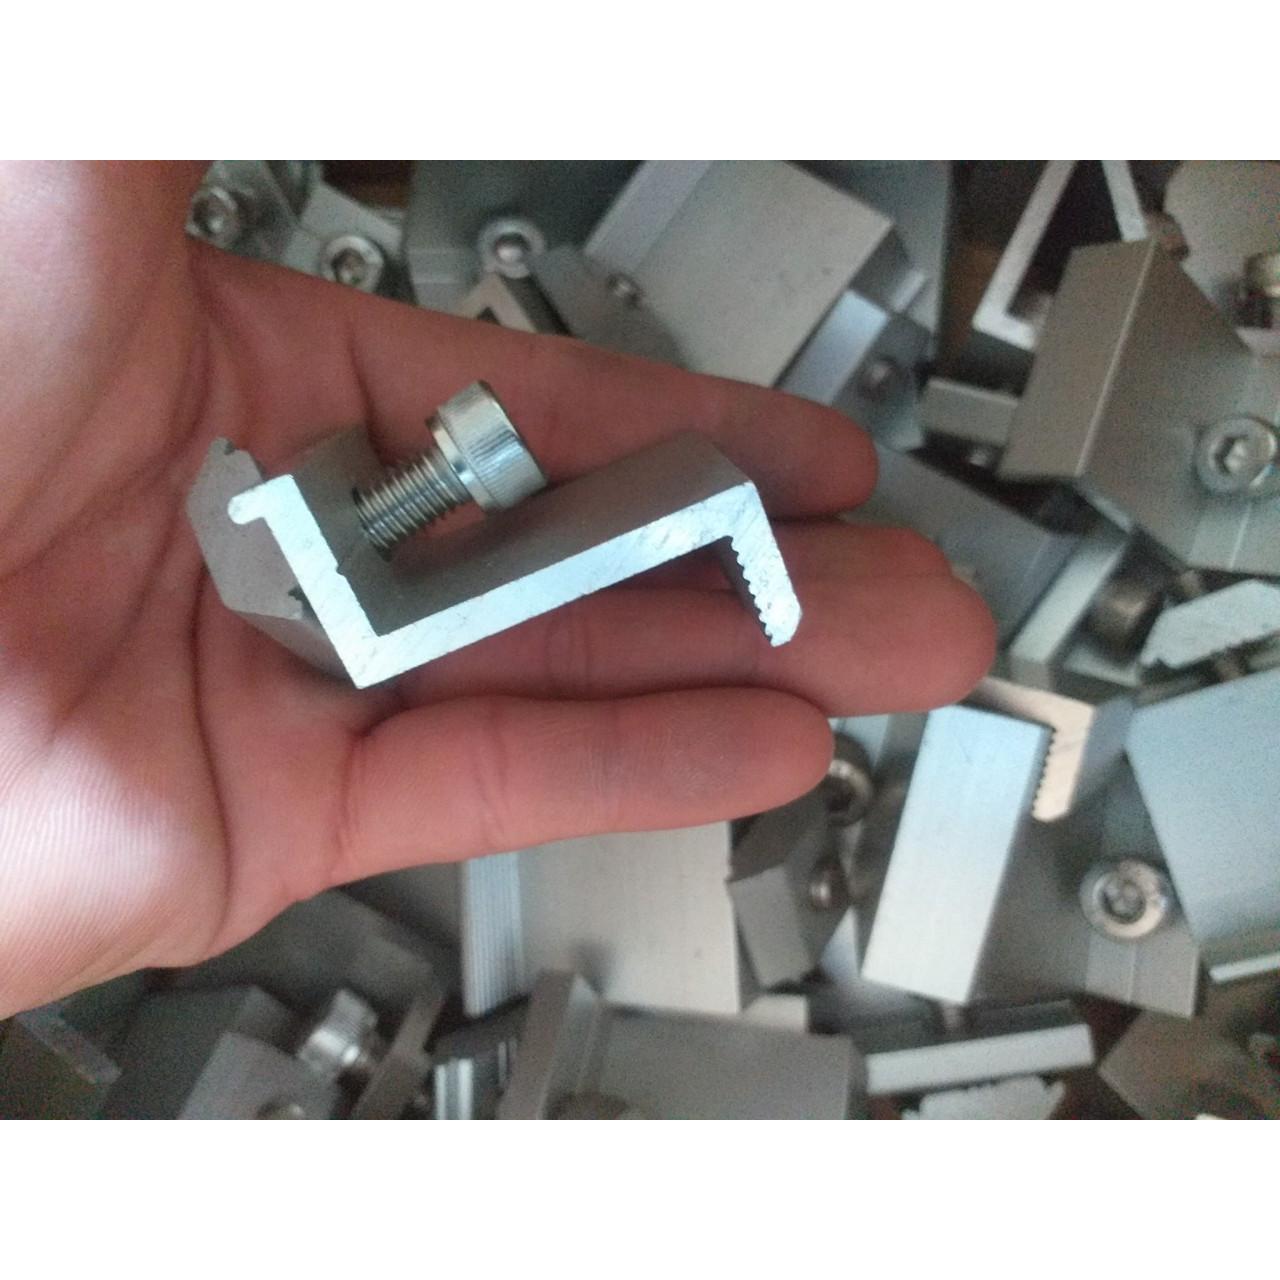 Thông số chi tiết của phụ kiện lắp đặt tấm pin năng lượng mặt trời kẹp gữa T KẸP GIỮA 2 TẤM PIN (KẸP T) Vật liệu: Nhôm Phụ kiện: Bao gồm ốc inox và tán nhôm Kích thước: 40mm Xuất xứ: Trung Quốc